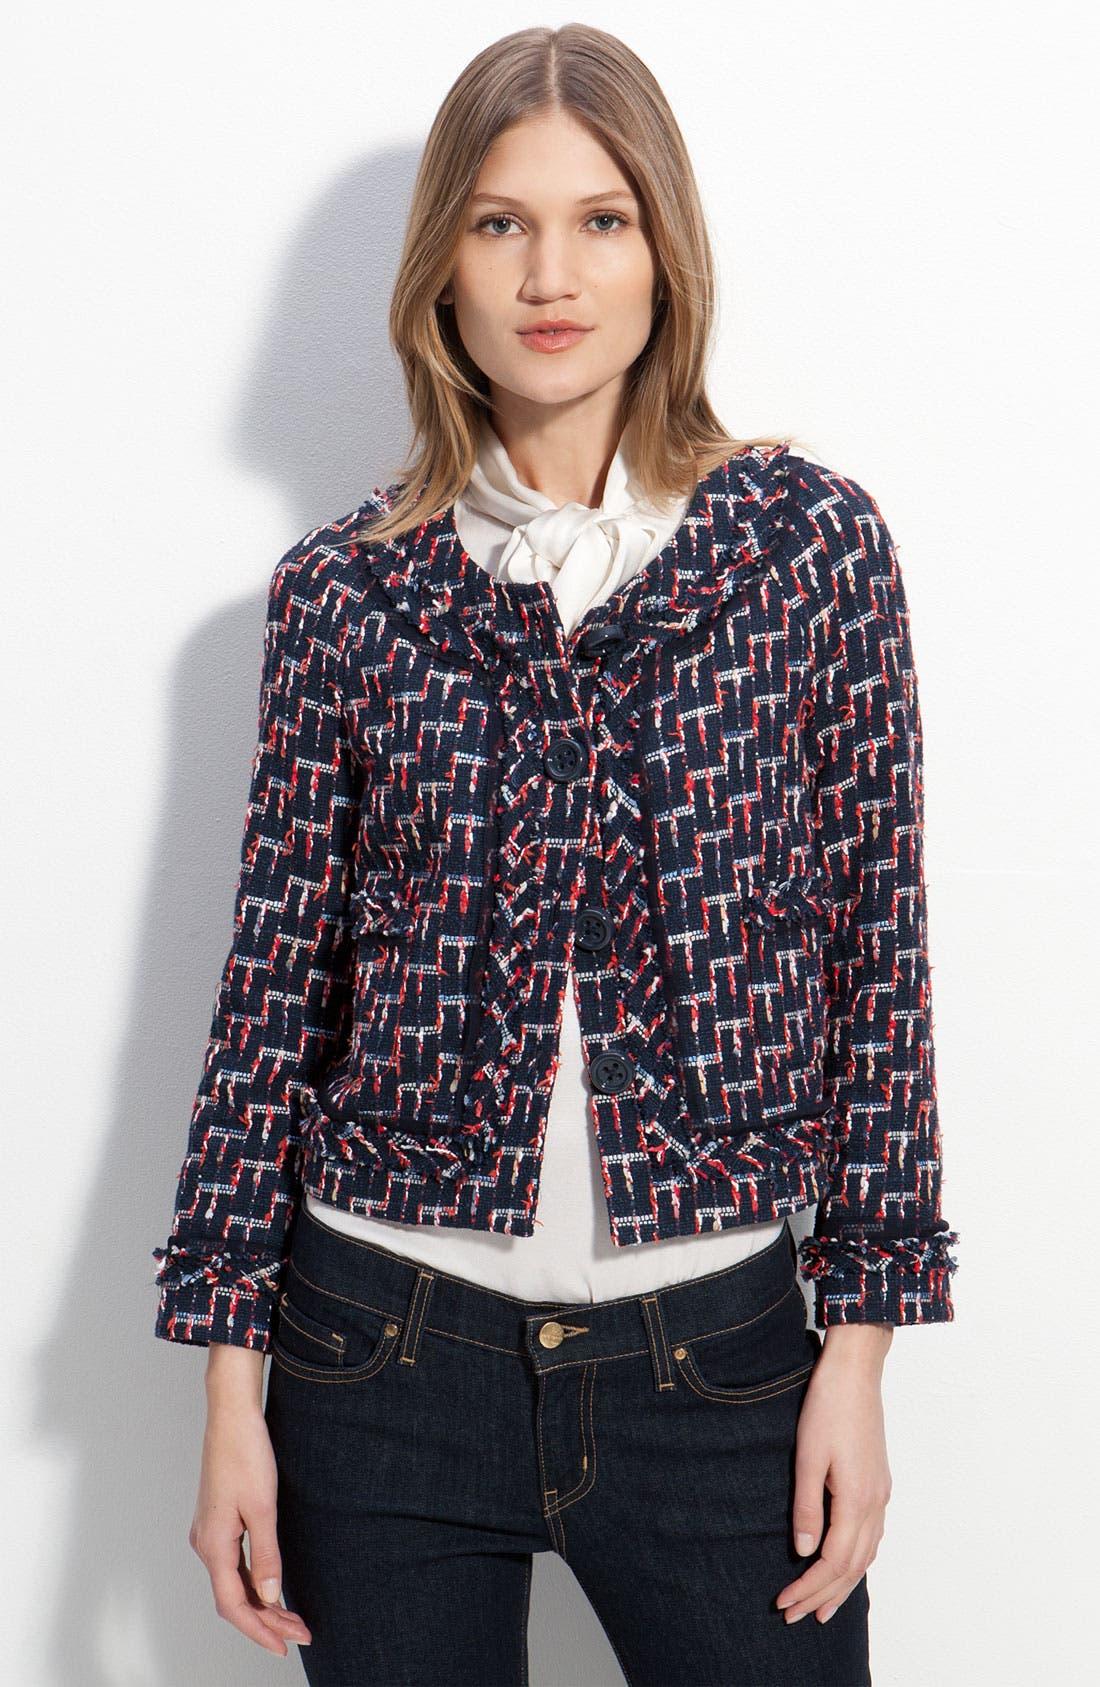 Main Image - kate spade new york 'darby' tweed jacket